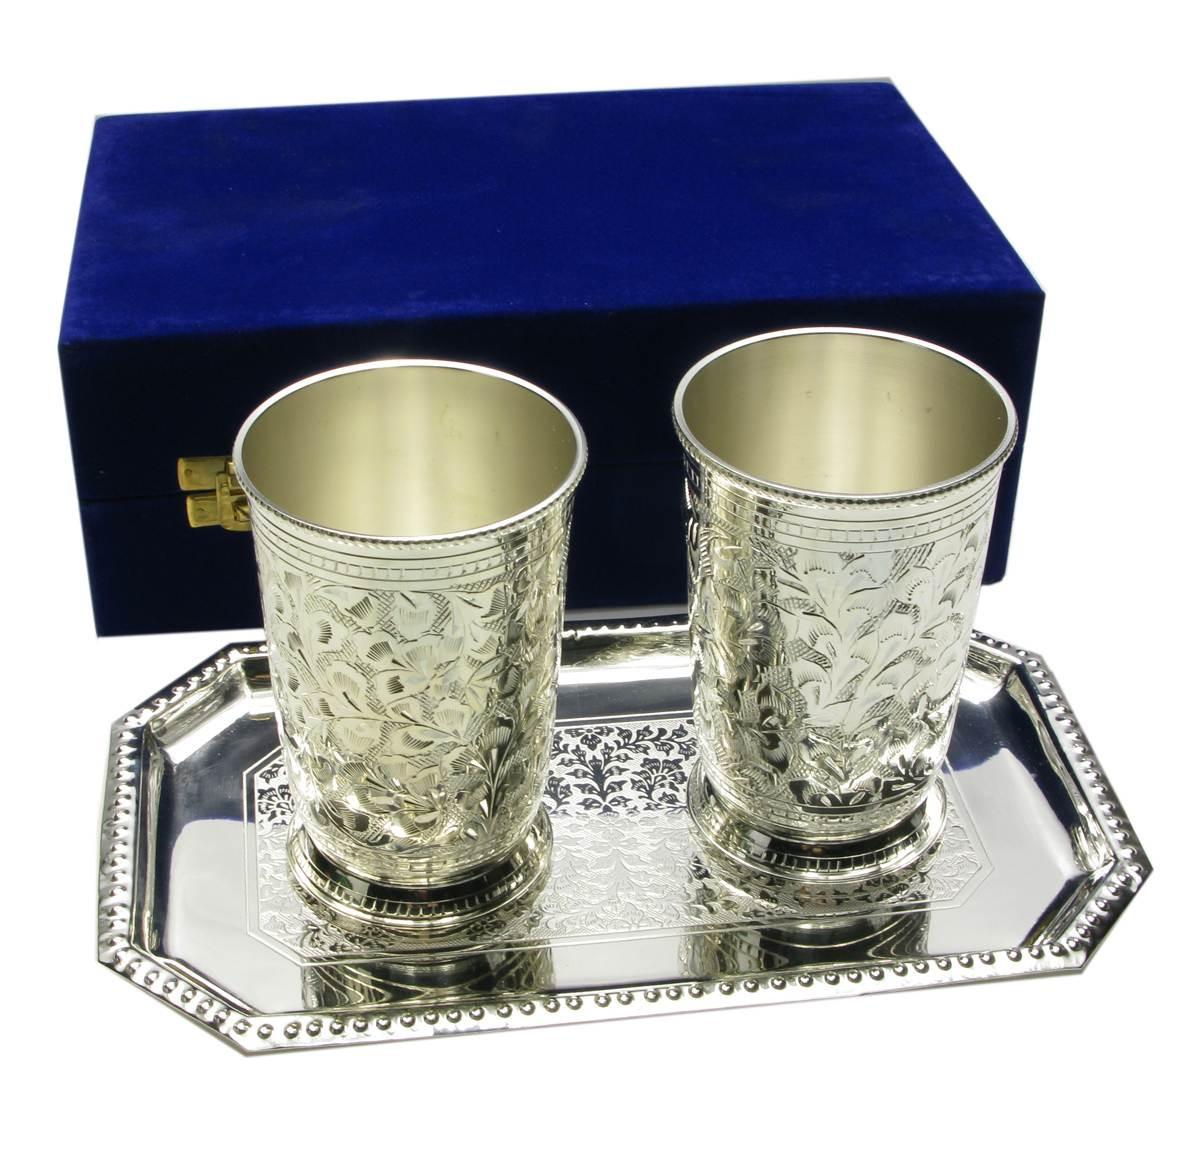 """Бокалы с подносом бронзовые посеребренные  (н-р 2 шт)(25х16х8,5см)(Velvet Box-Glass Set-2ps+Tr) - Магазин  """"Дариленд""""  в Харькове"""